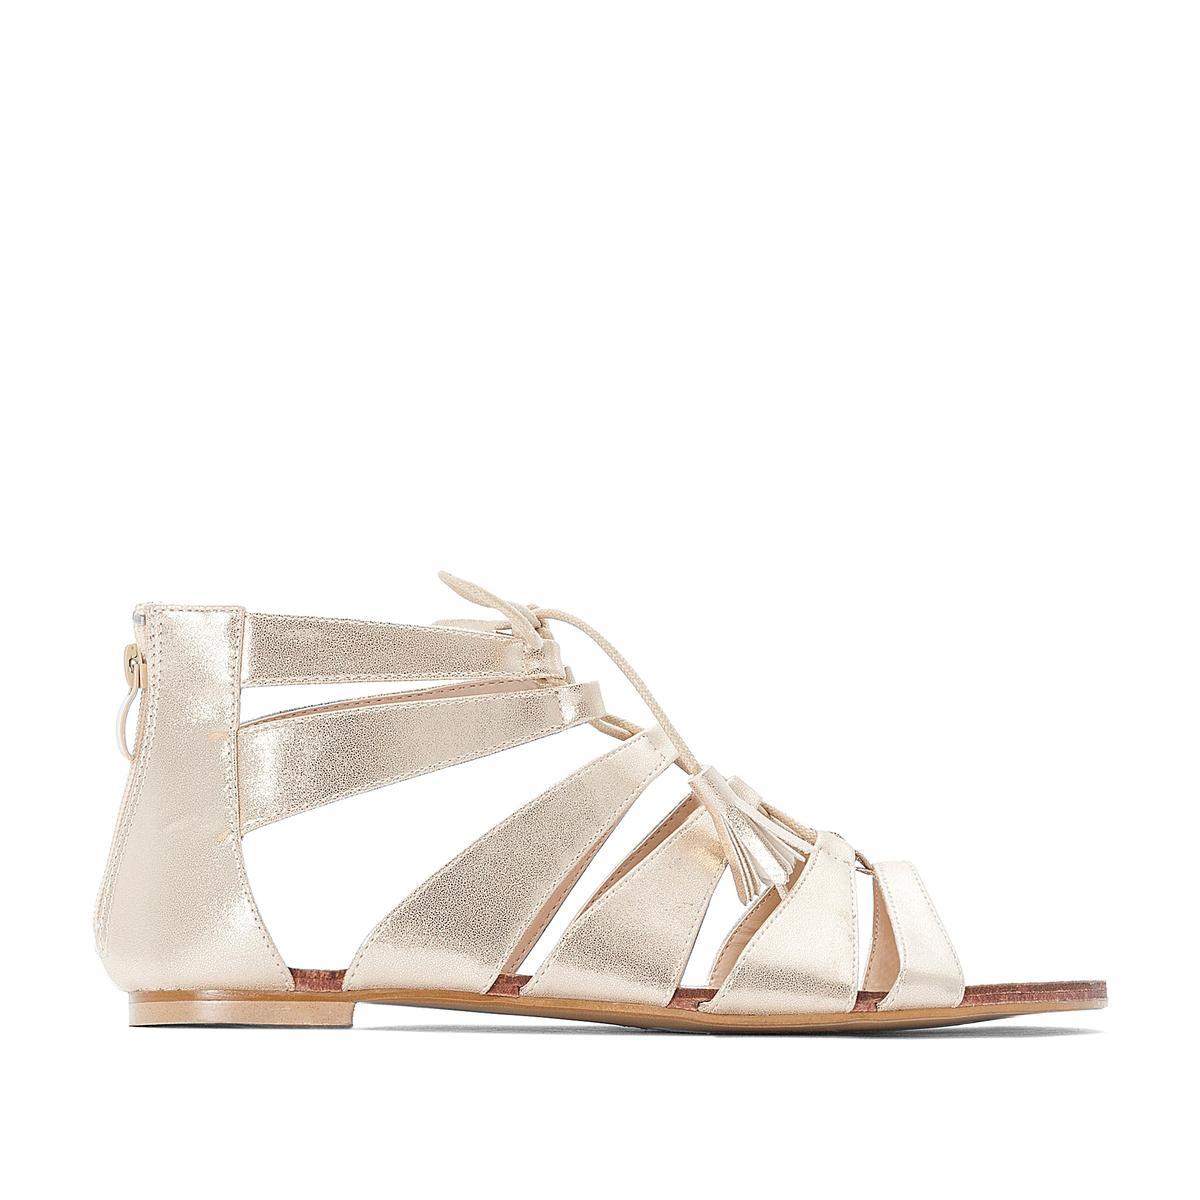 цена на Босоножки La Redoute На шнуровке на плоском каблуке для широкой стопы размеры - 43 золотистый